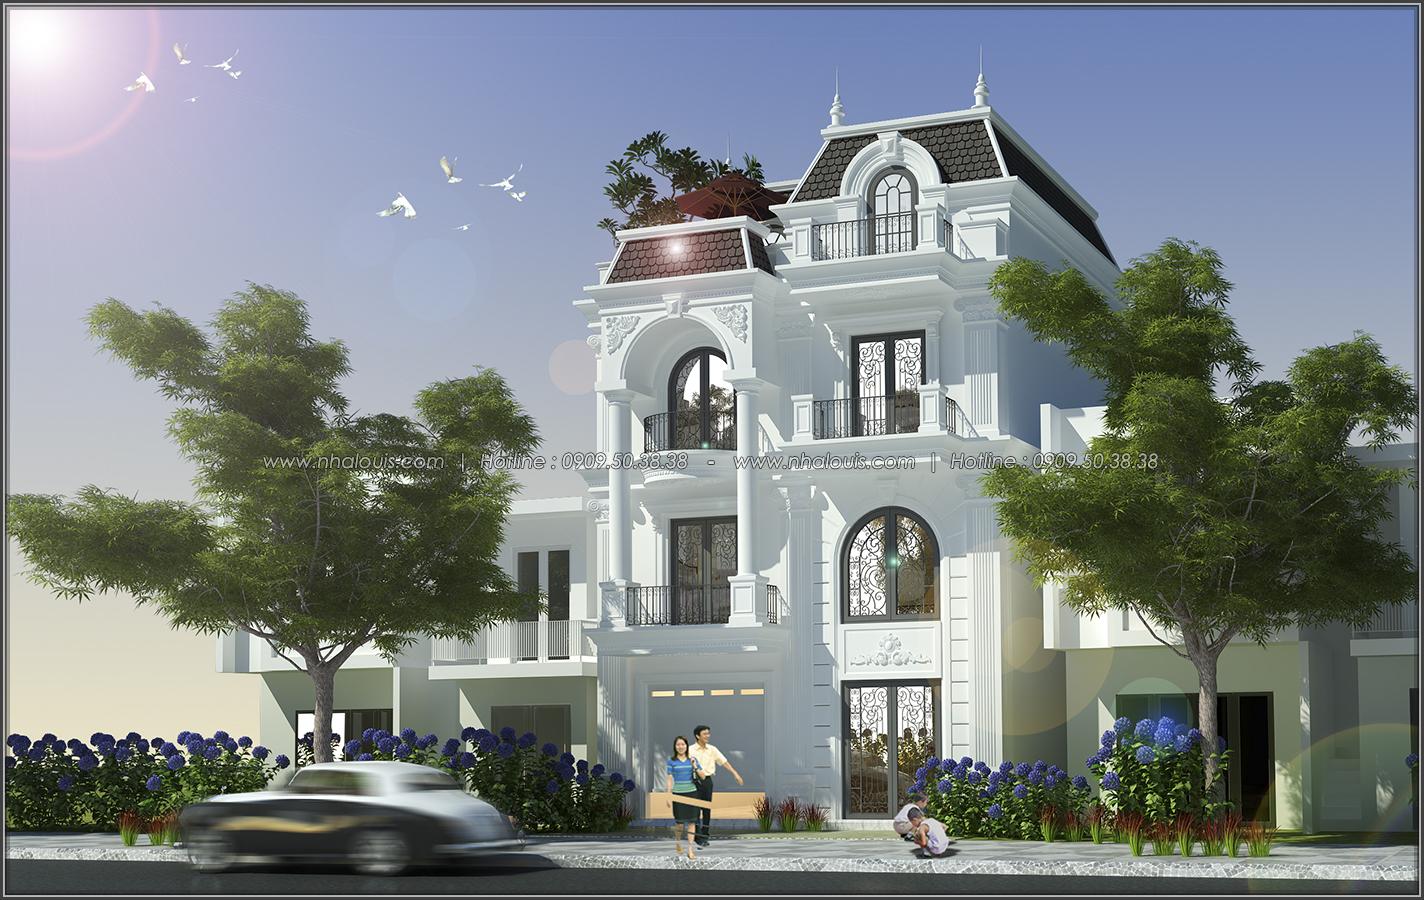 Thiết kế biệt thự tân cổ điển tại Đồng Nai đẹp không tì vết